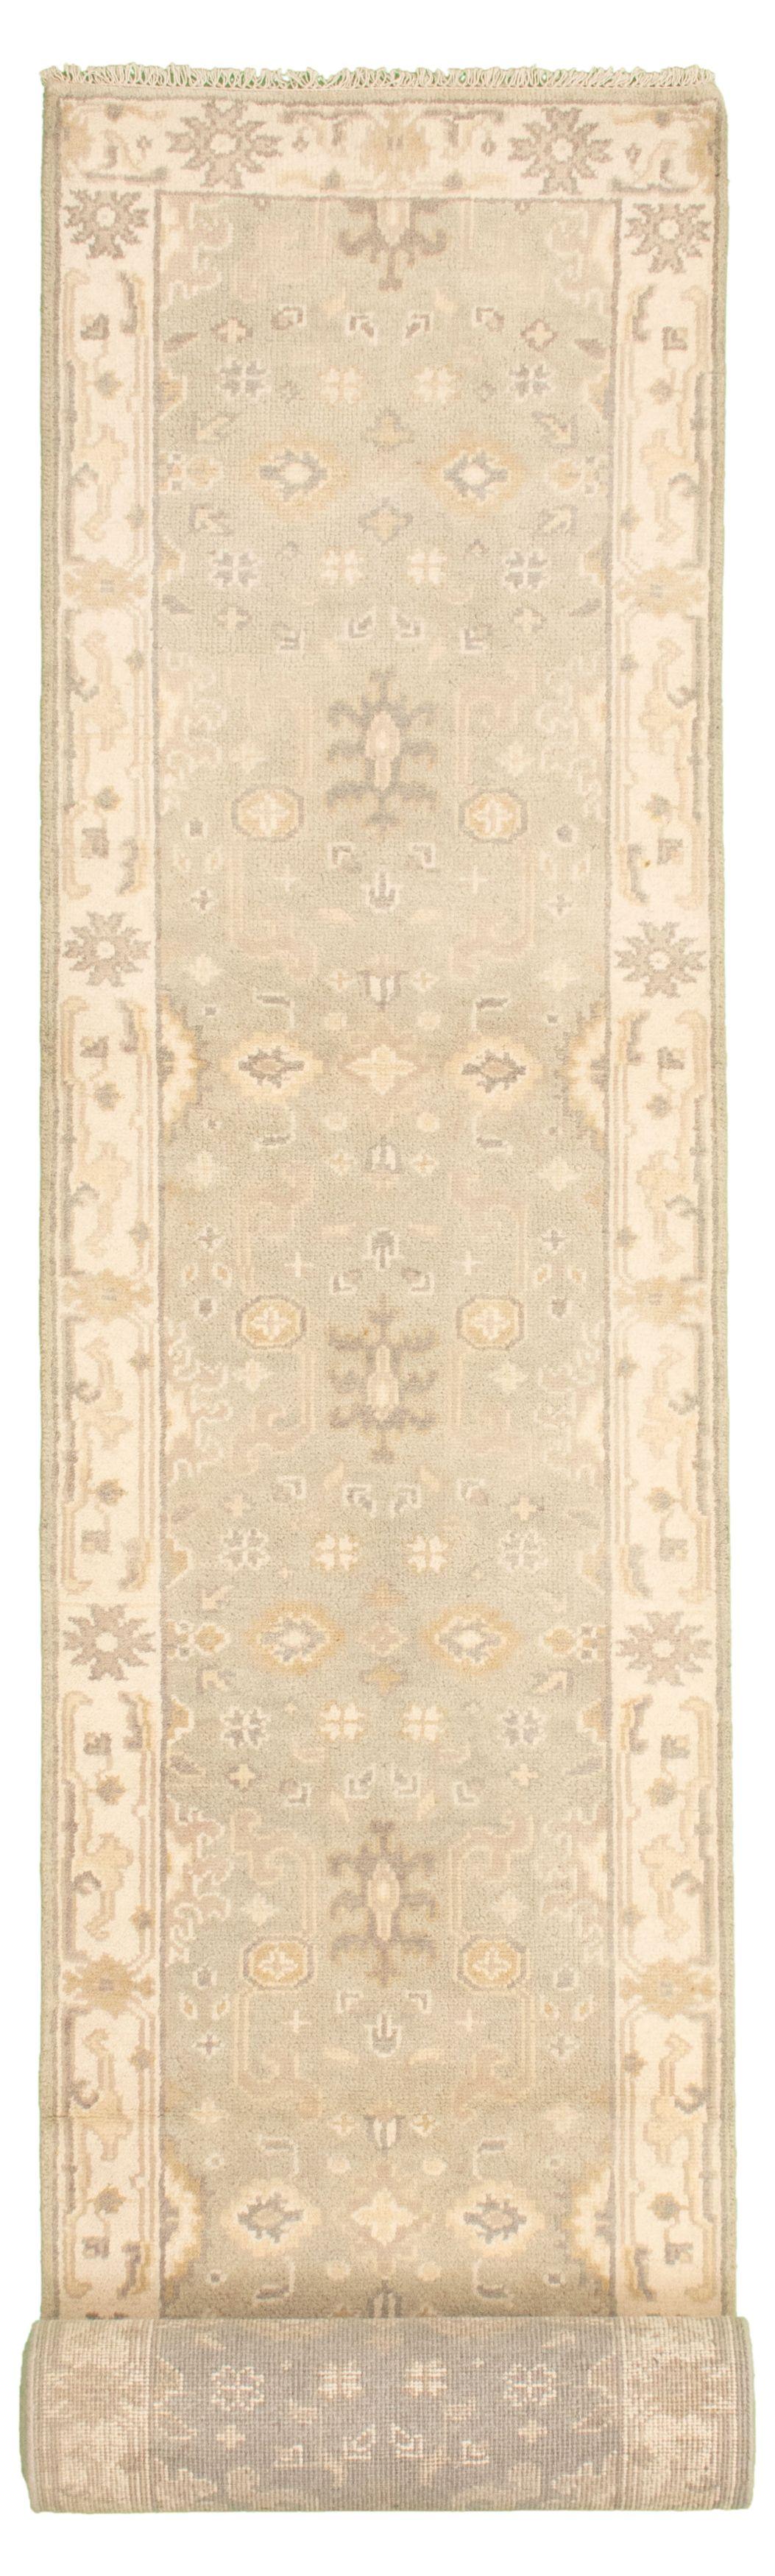 """Hand-knotted Royal Ushak Light Khaki Wool Rug 2'8"""" x 19'4"""" Size: 2'8"""" x 19'4"""""""